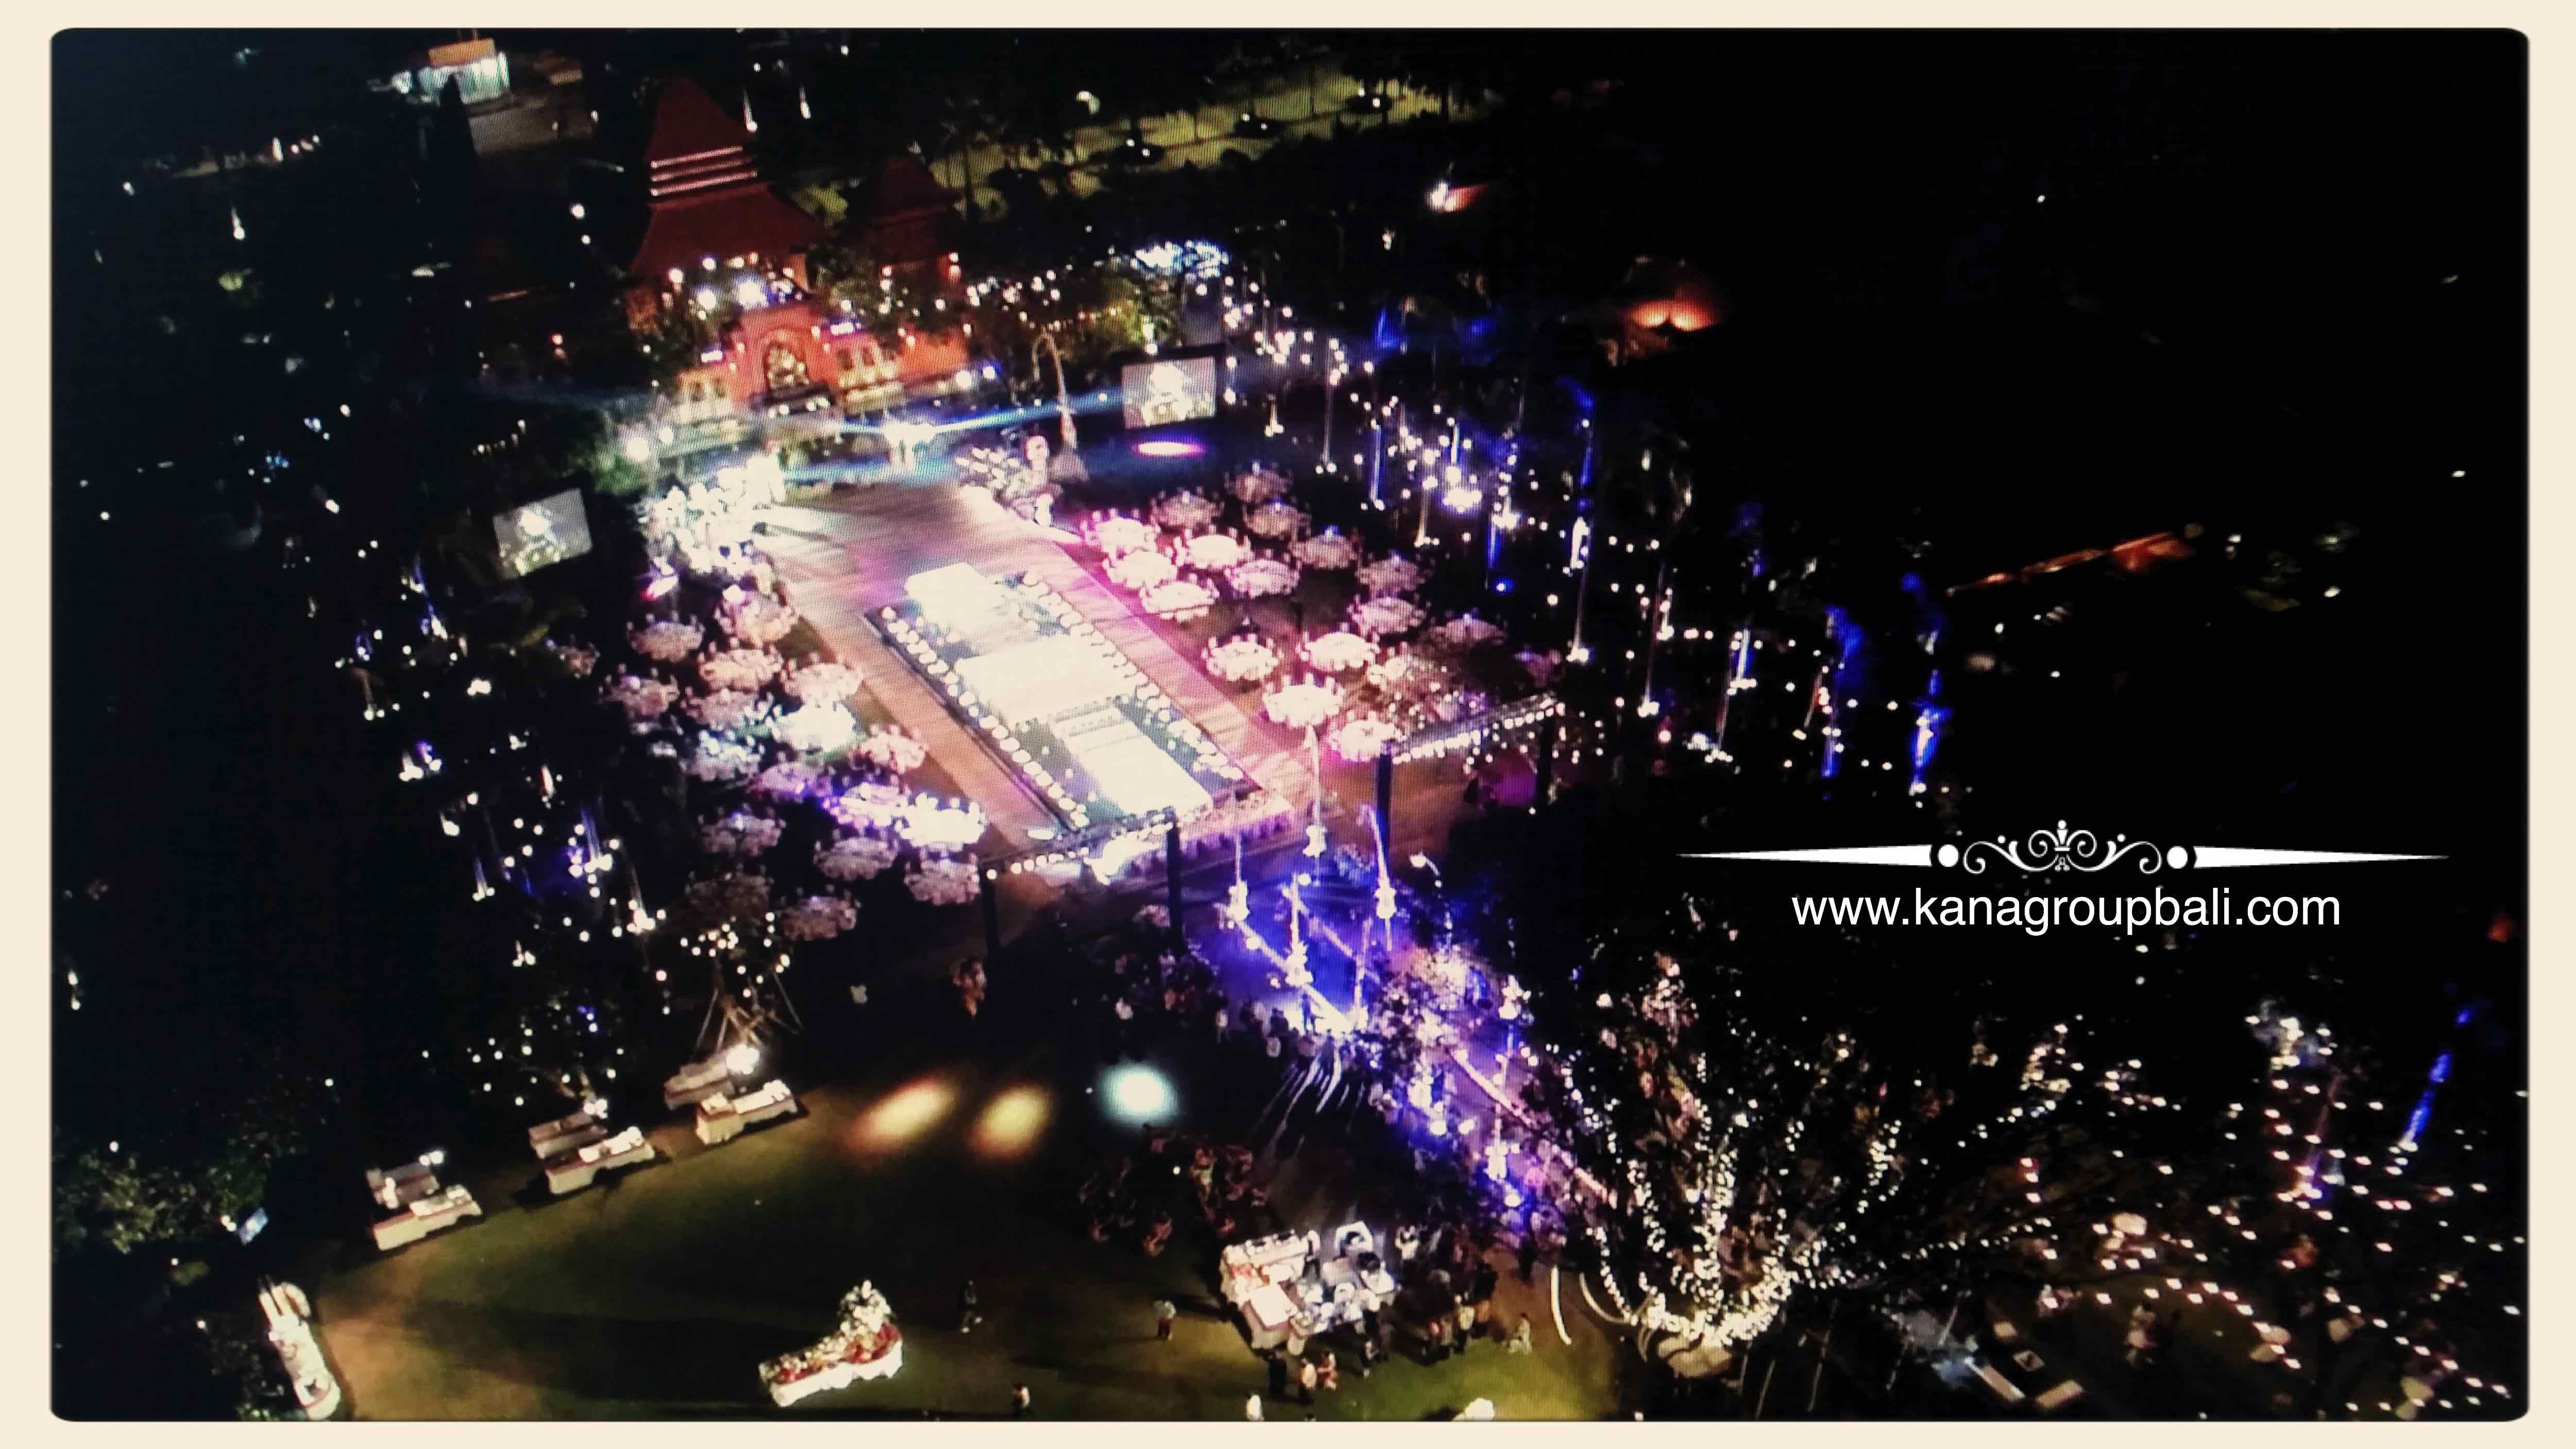 bali+aerial+wedding.jpg